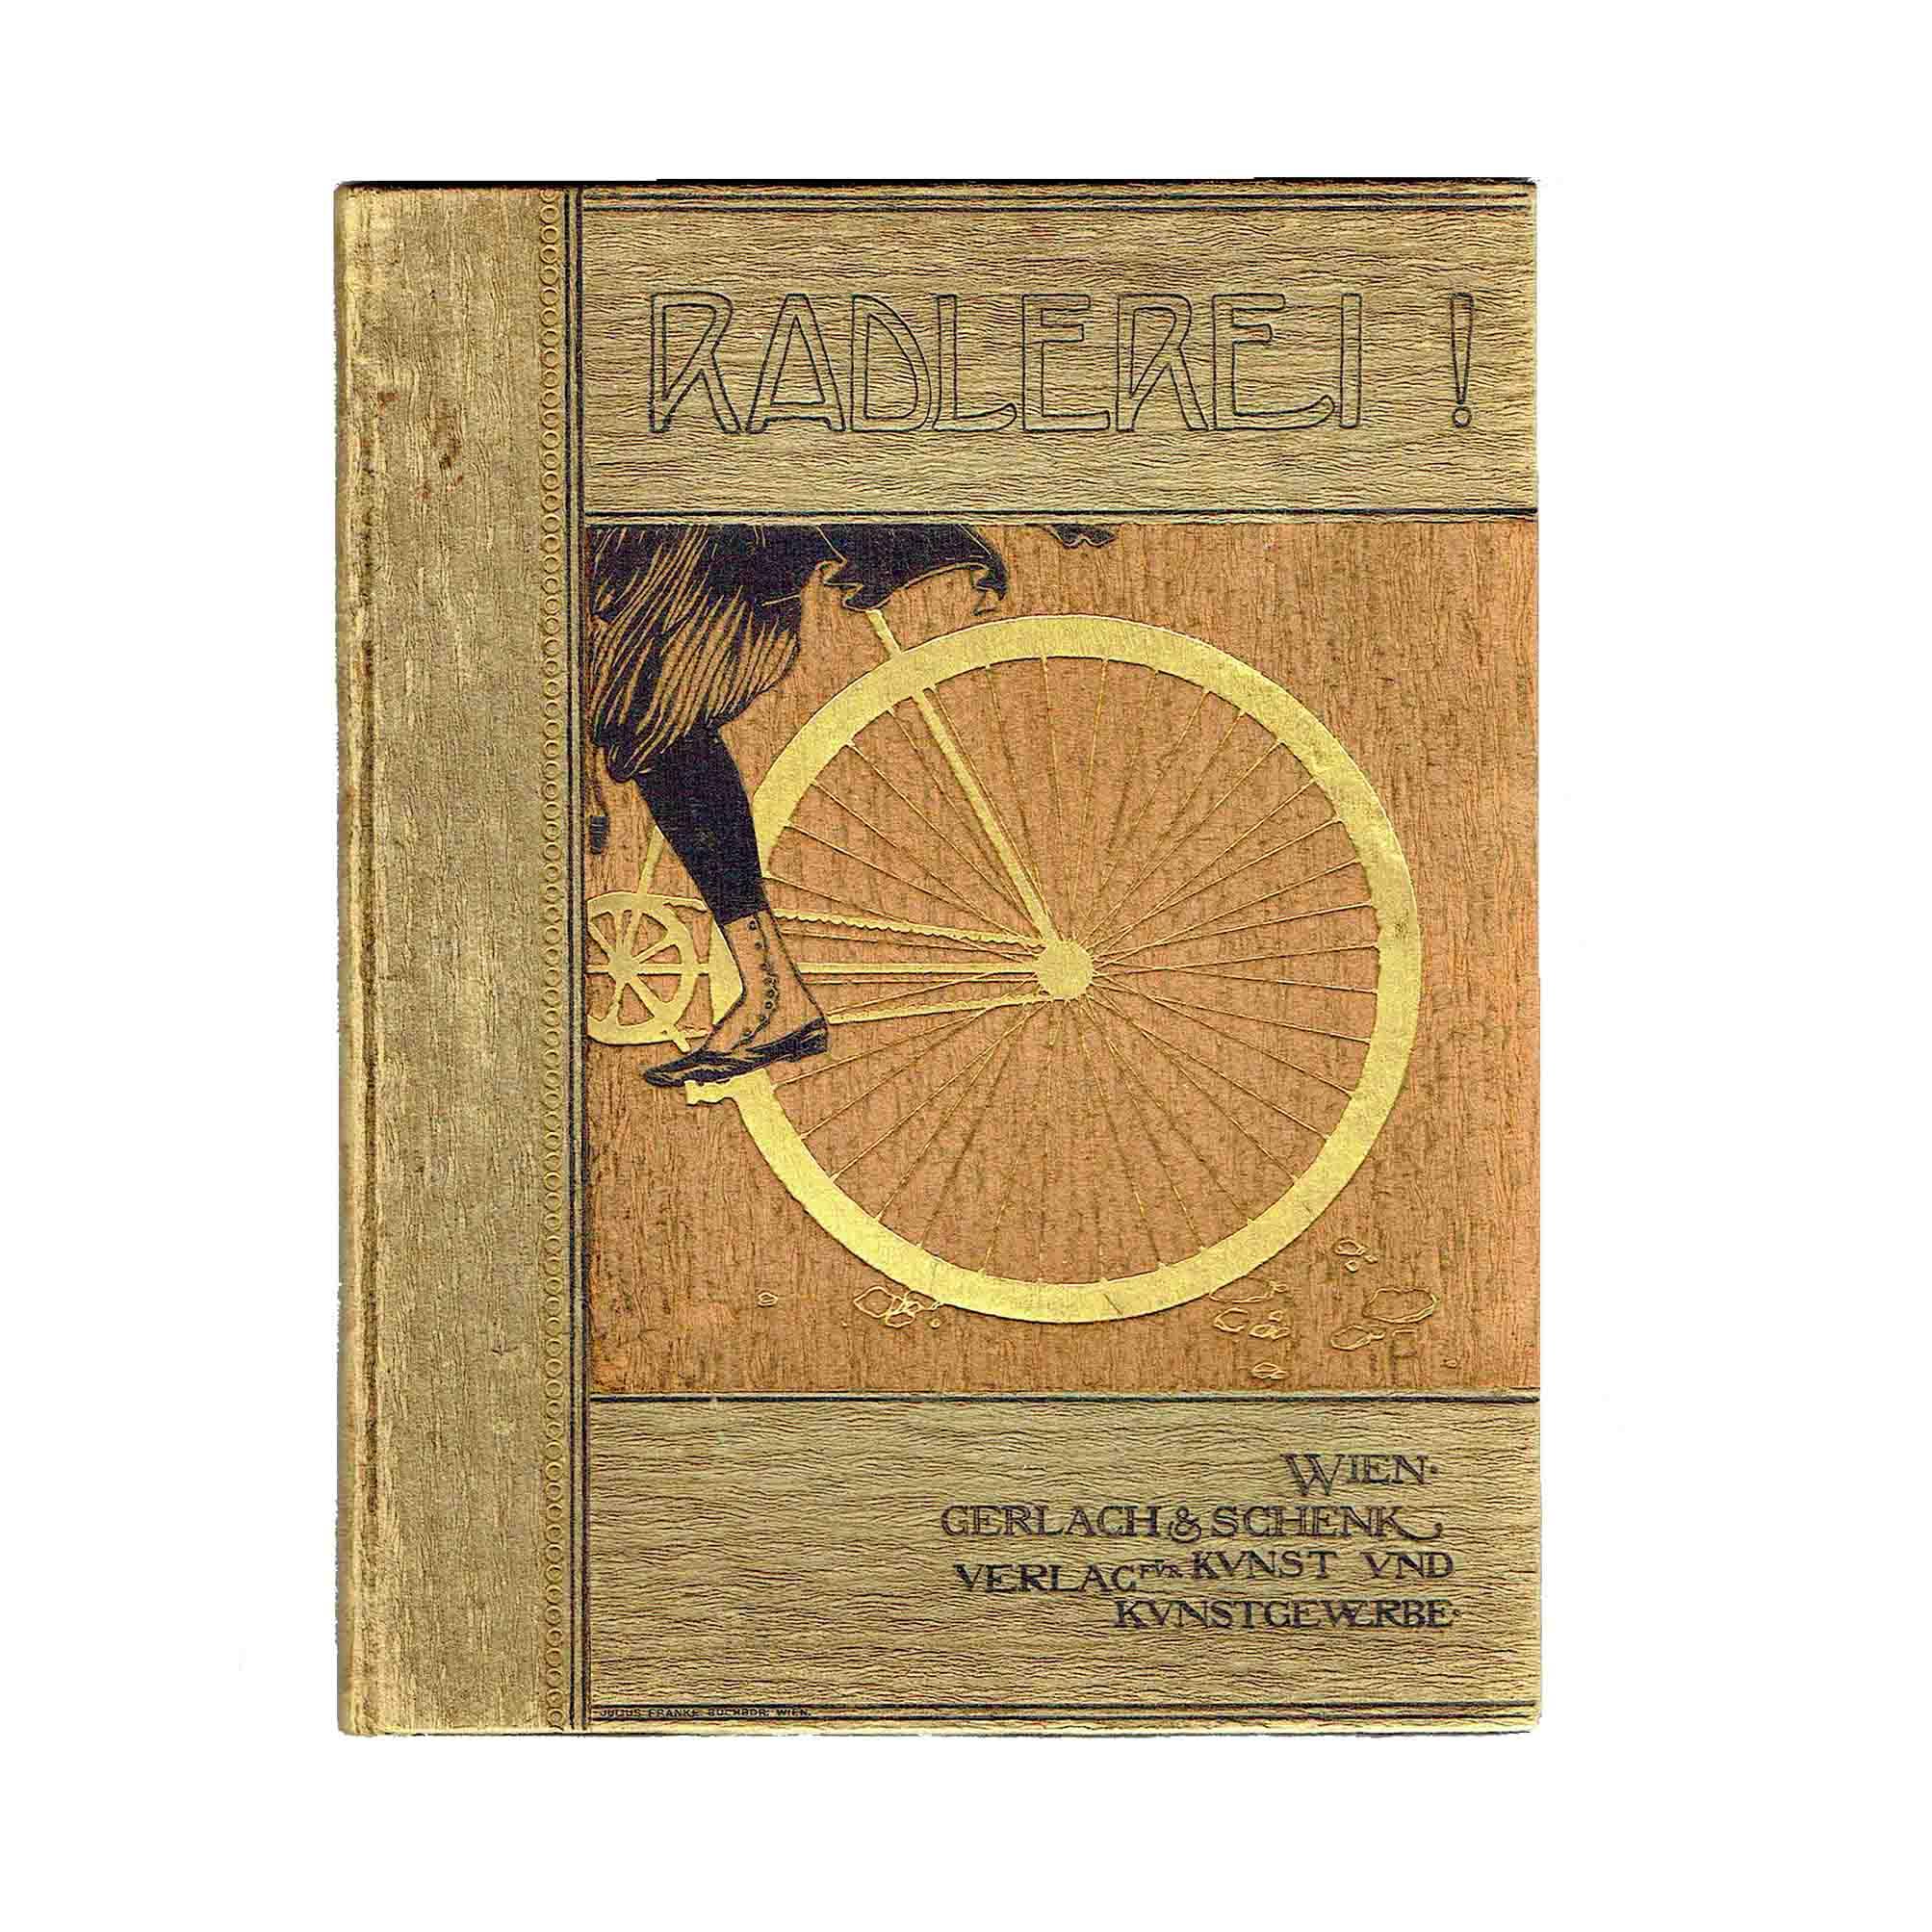 5526-Radlerei-Wien-Jugendstil-1897-Einband-2-frei-N.jpeg